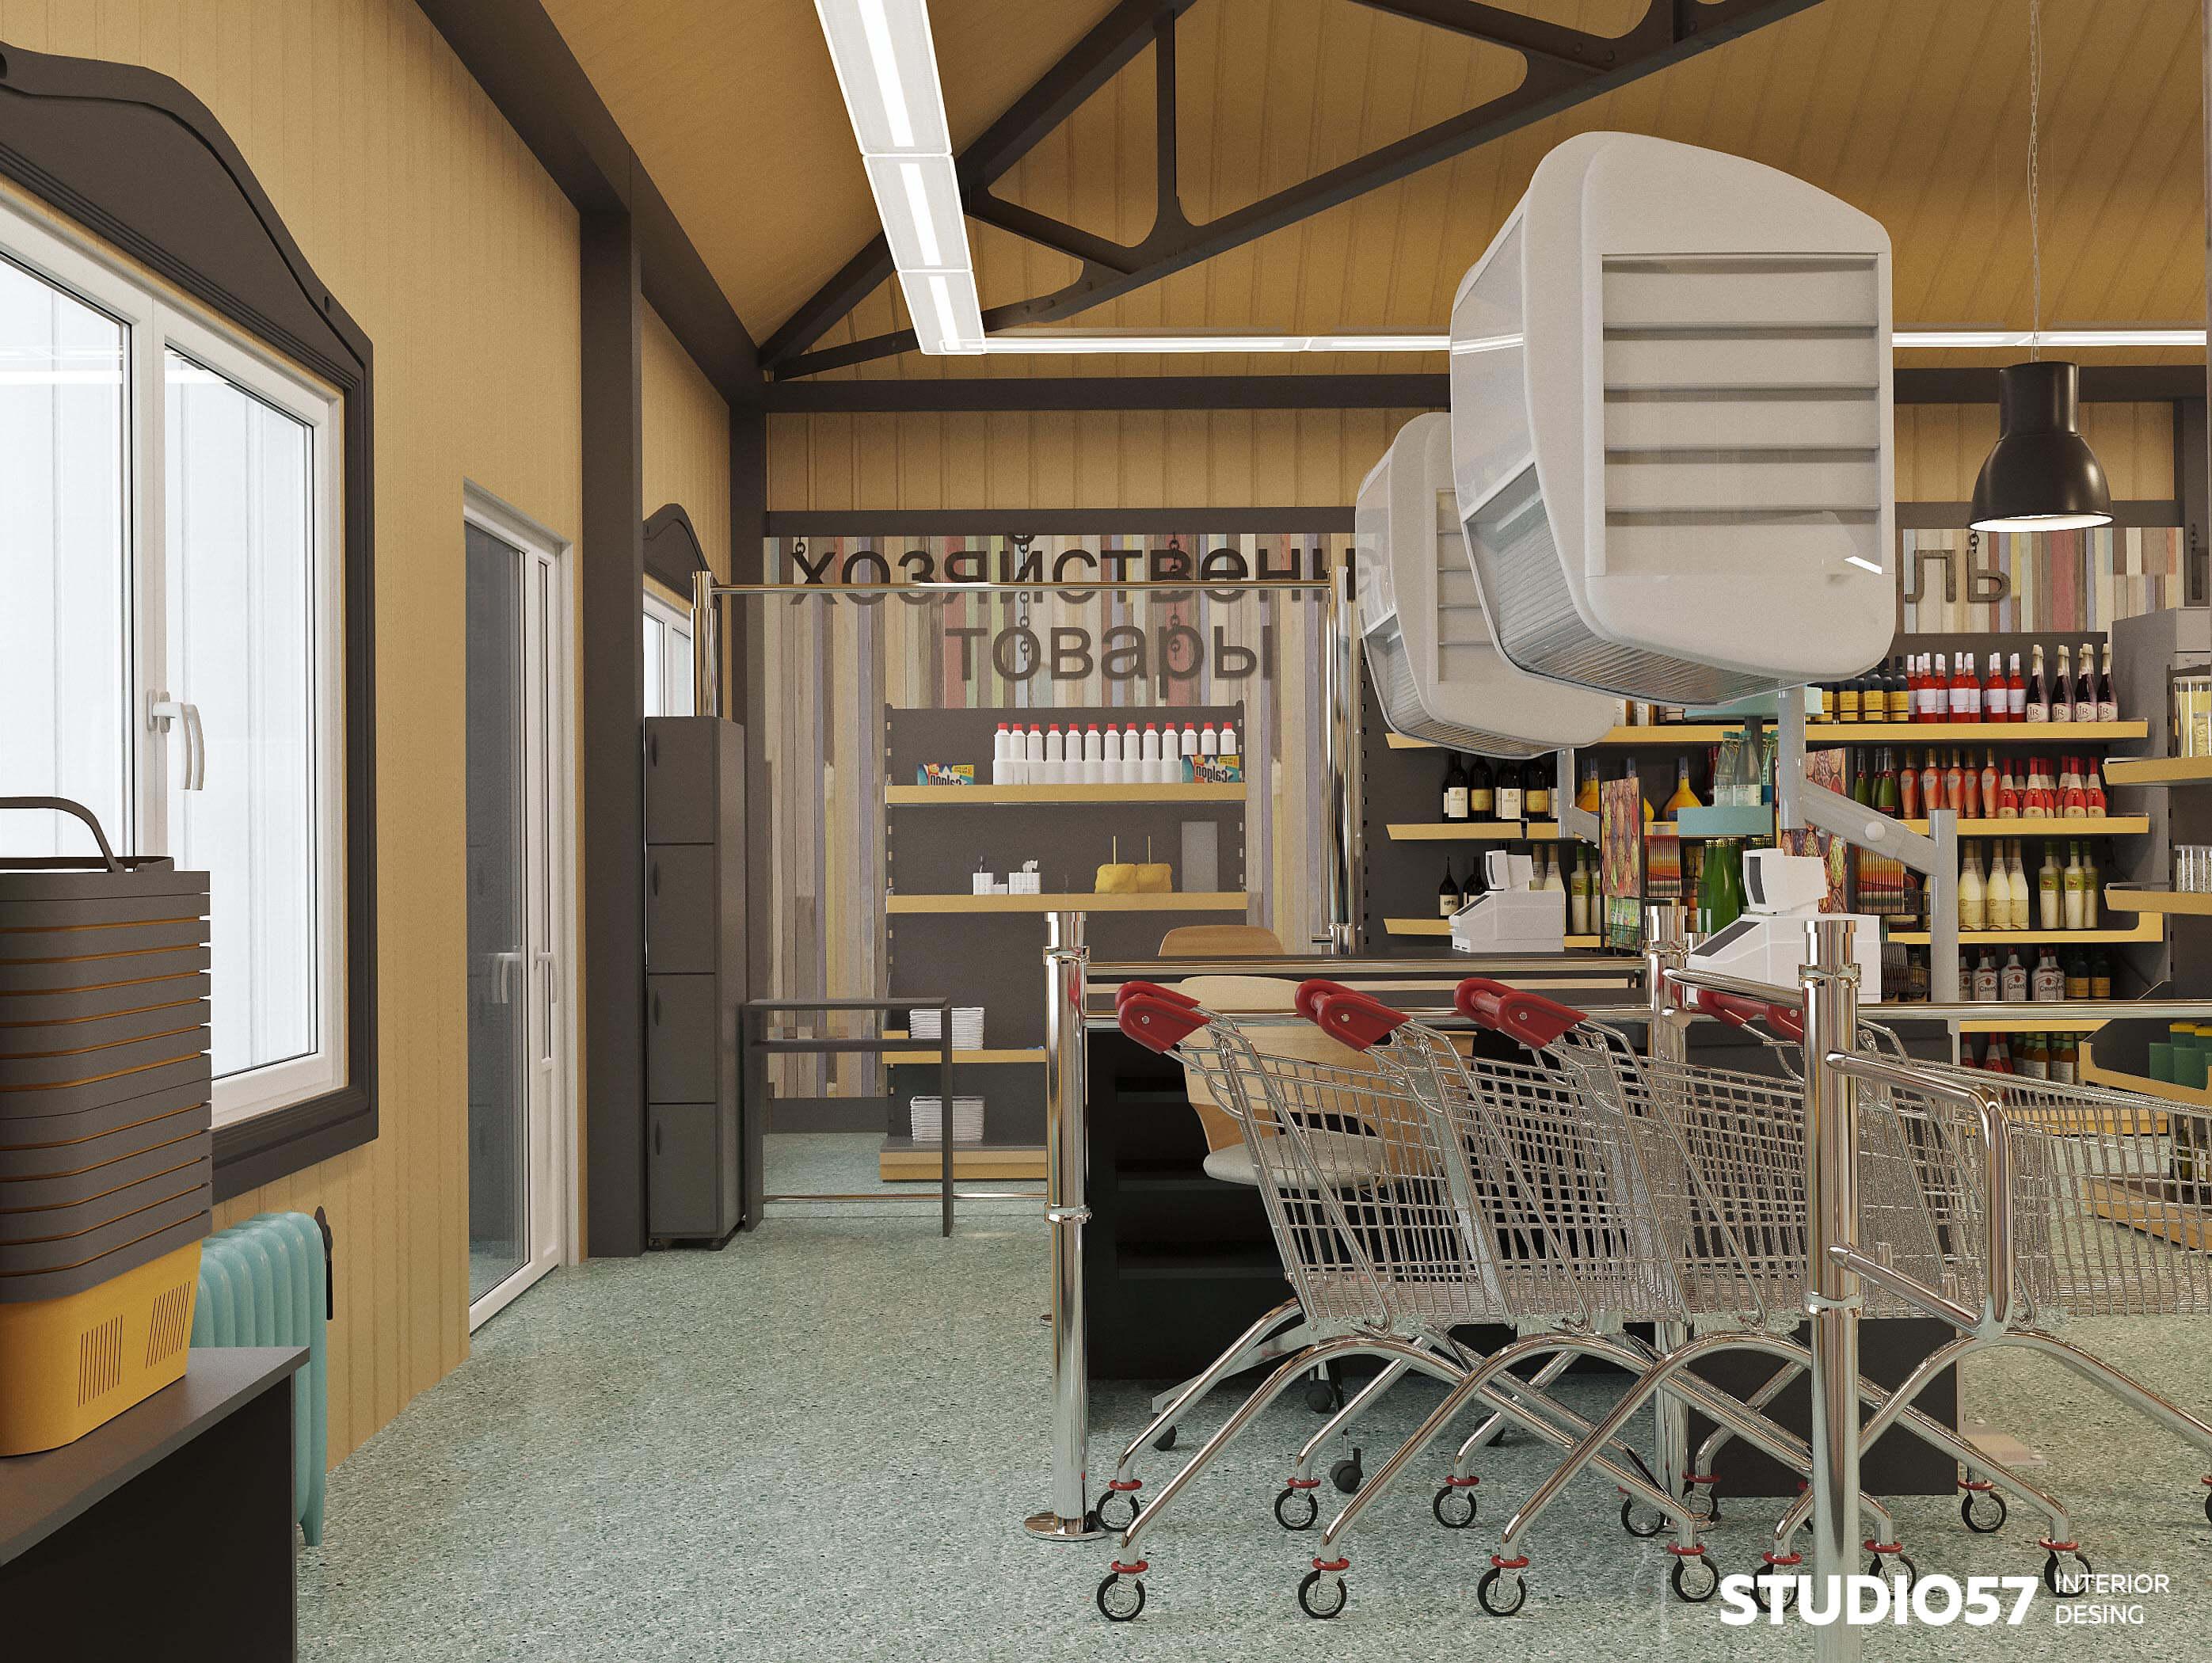 Фото интерьера магазина продуктов